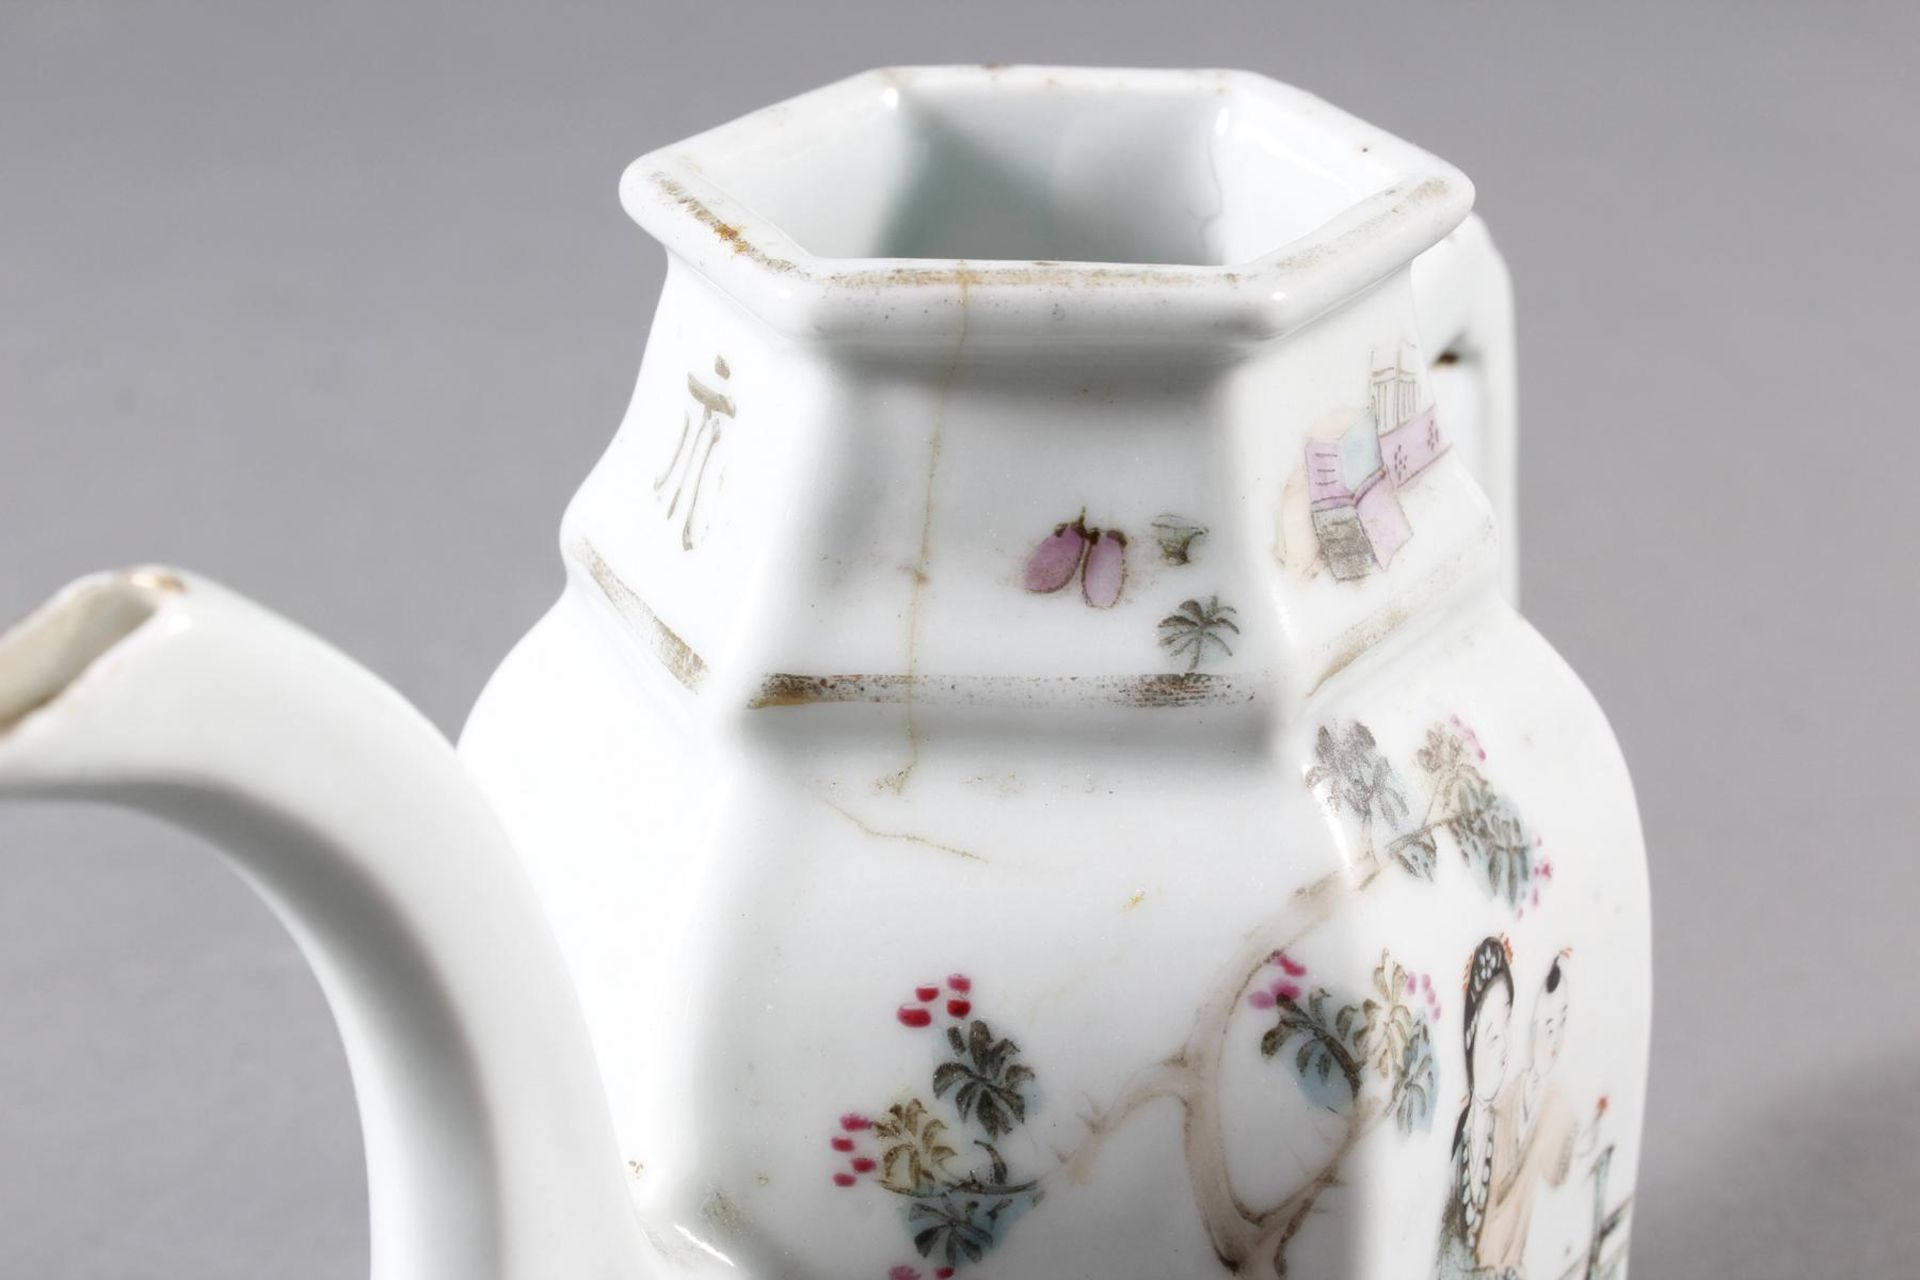 Porzellan Teekann, China, 19. Jahrhundert - Bild 12 aus 15